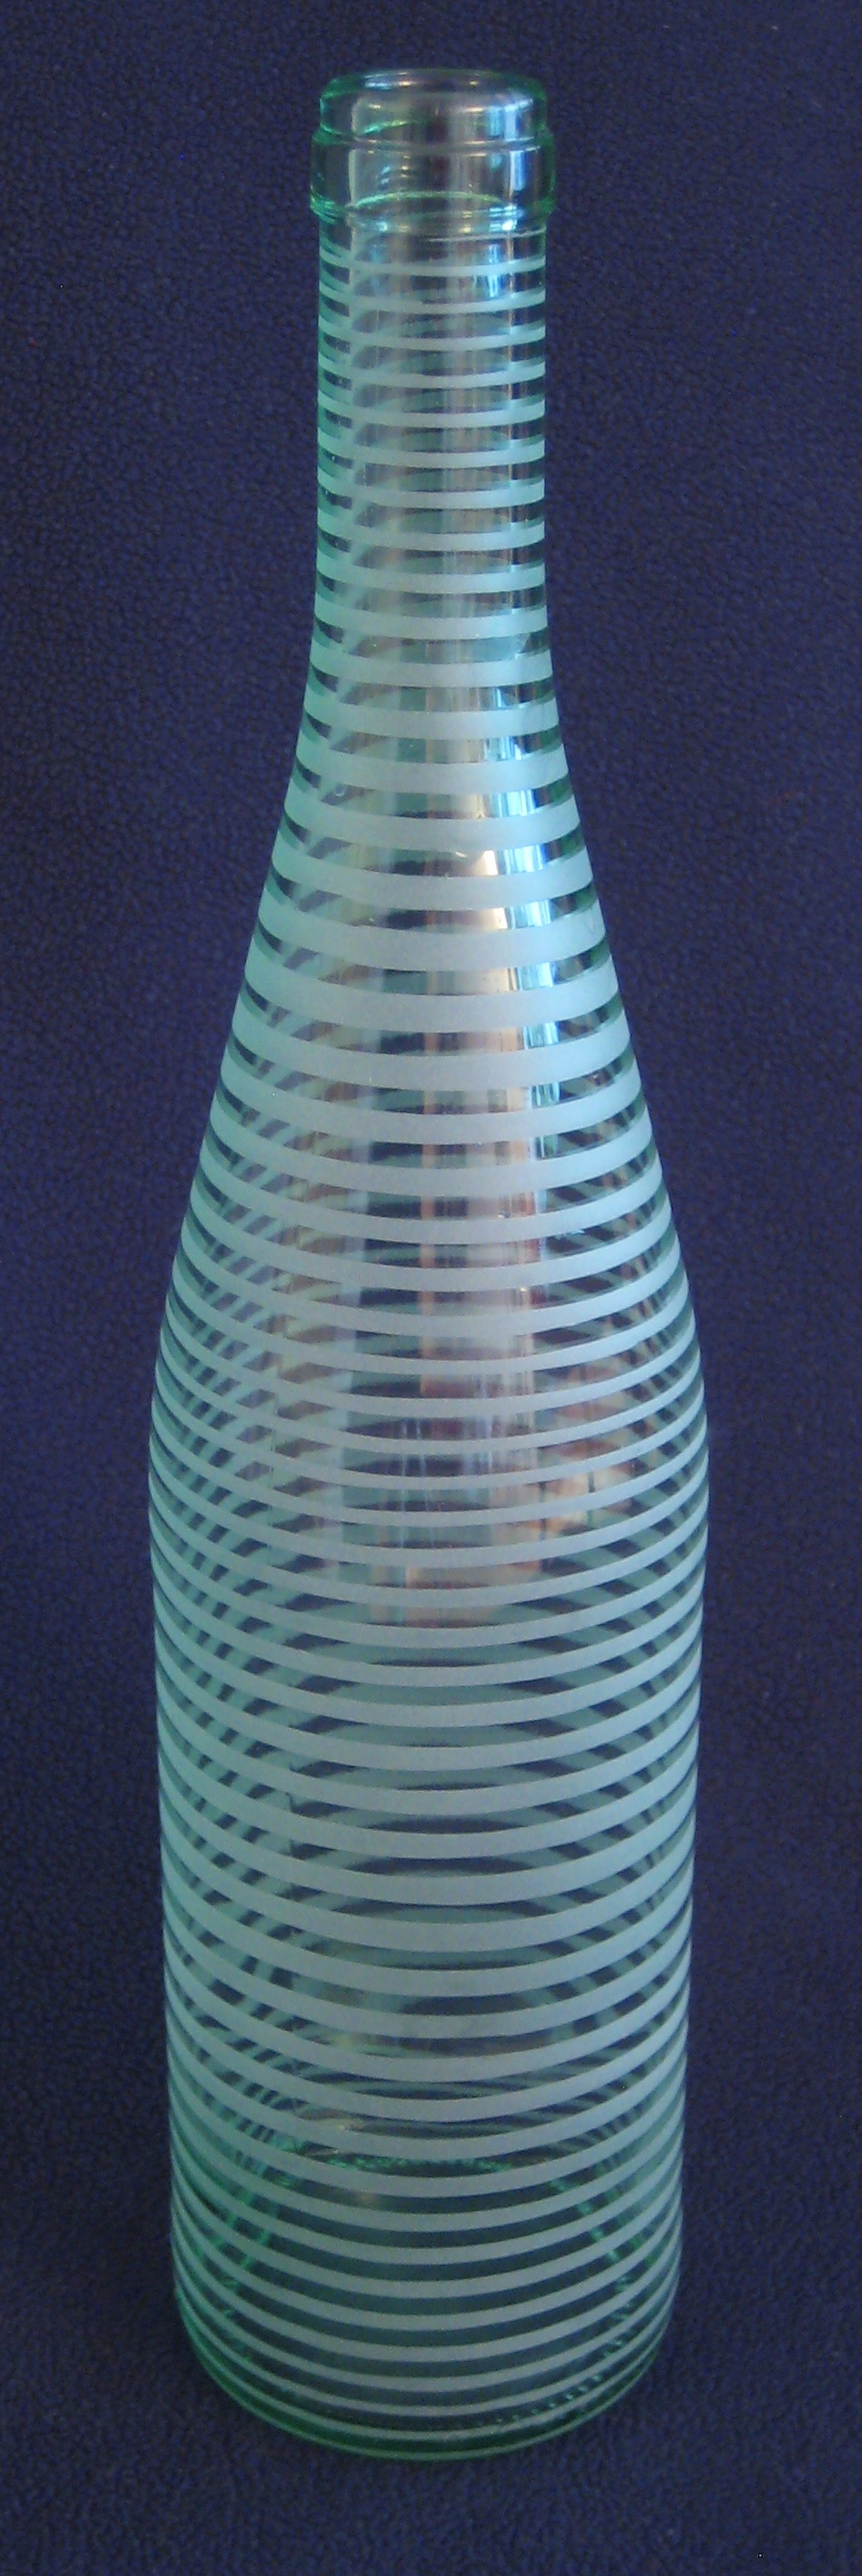 Spiral Gradient Bottle